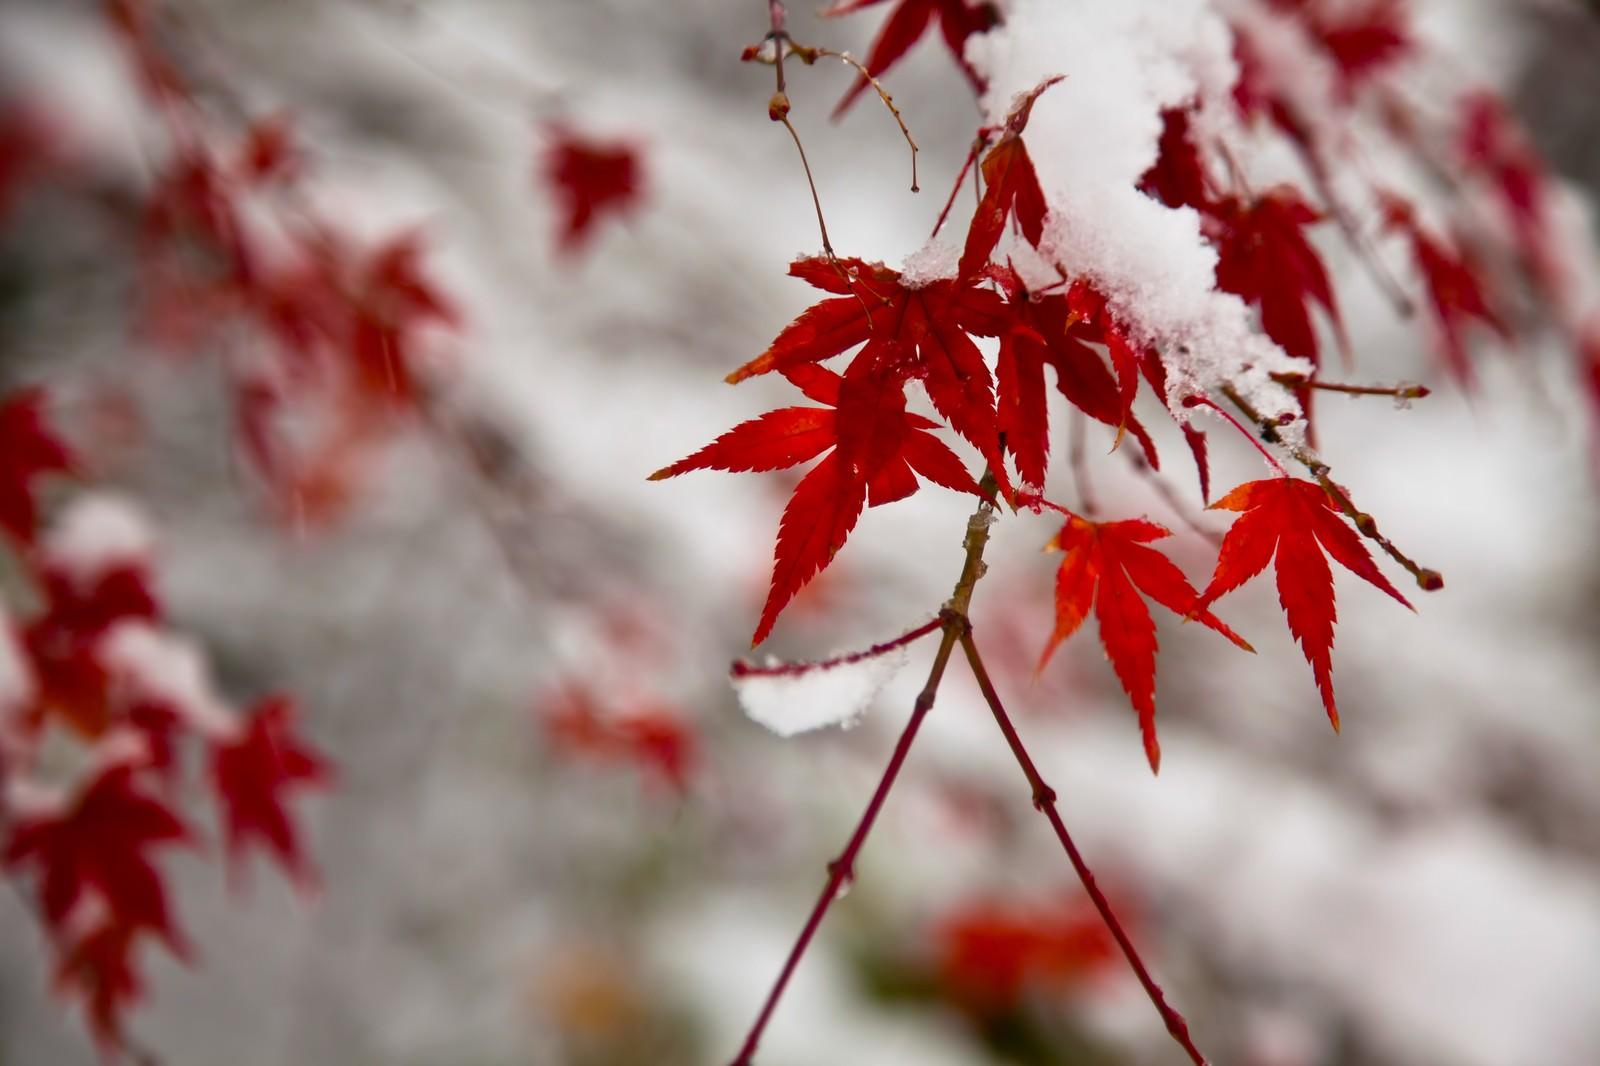 「紅葉と積もる雪」の写真